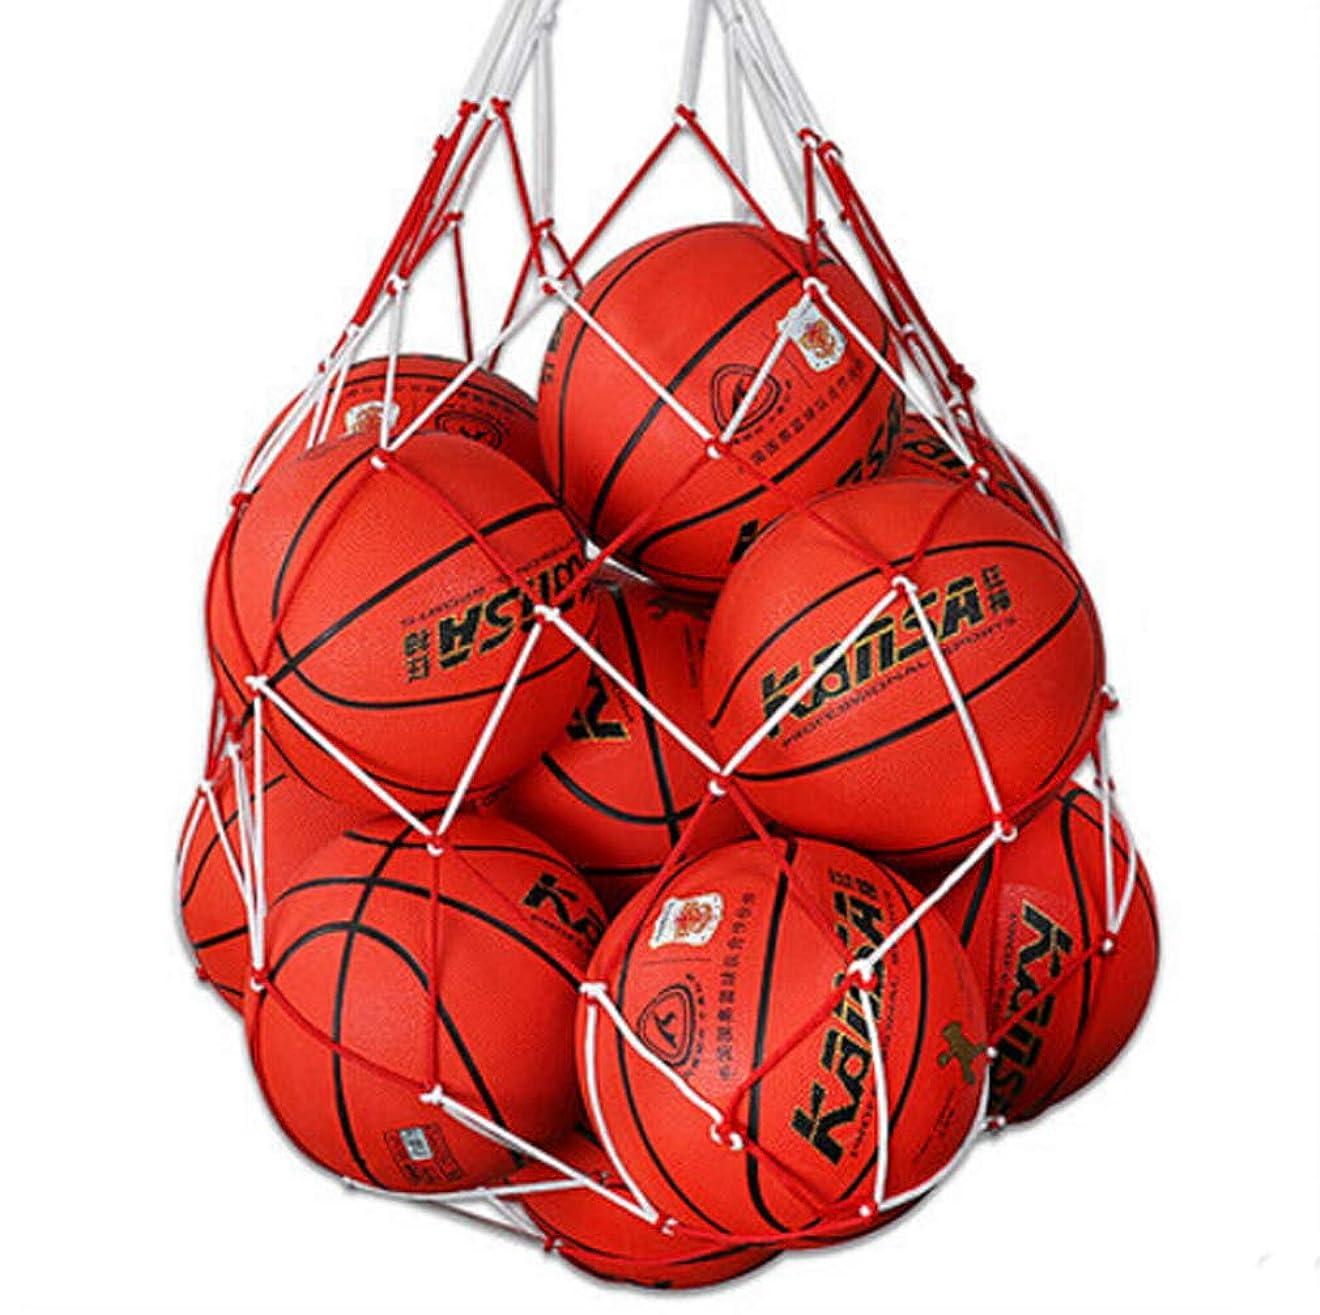 淡いインターネット協同ボールバッグ 大容量 ボール用 収納袋 5-15個収容 バスケットボール サッカー バレーボール 収納 メッシュ ネット 網袋 簡易バッグ 肩掛け 耐荷重 持ち運び便利 スポーツ 学校 試合 練習 レッド